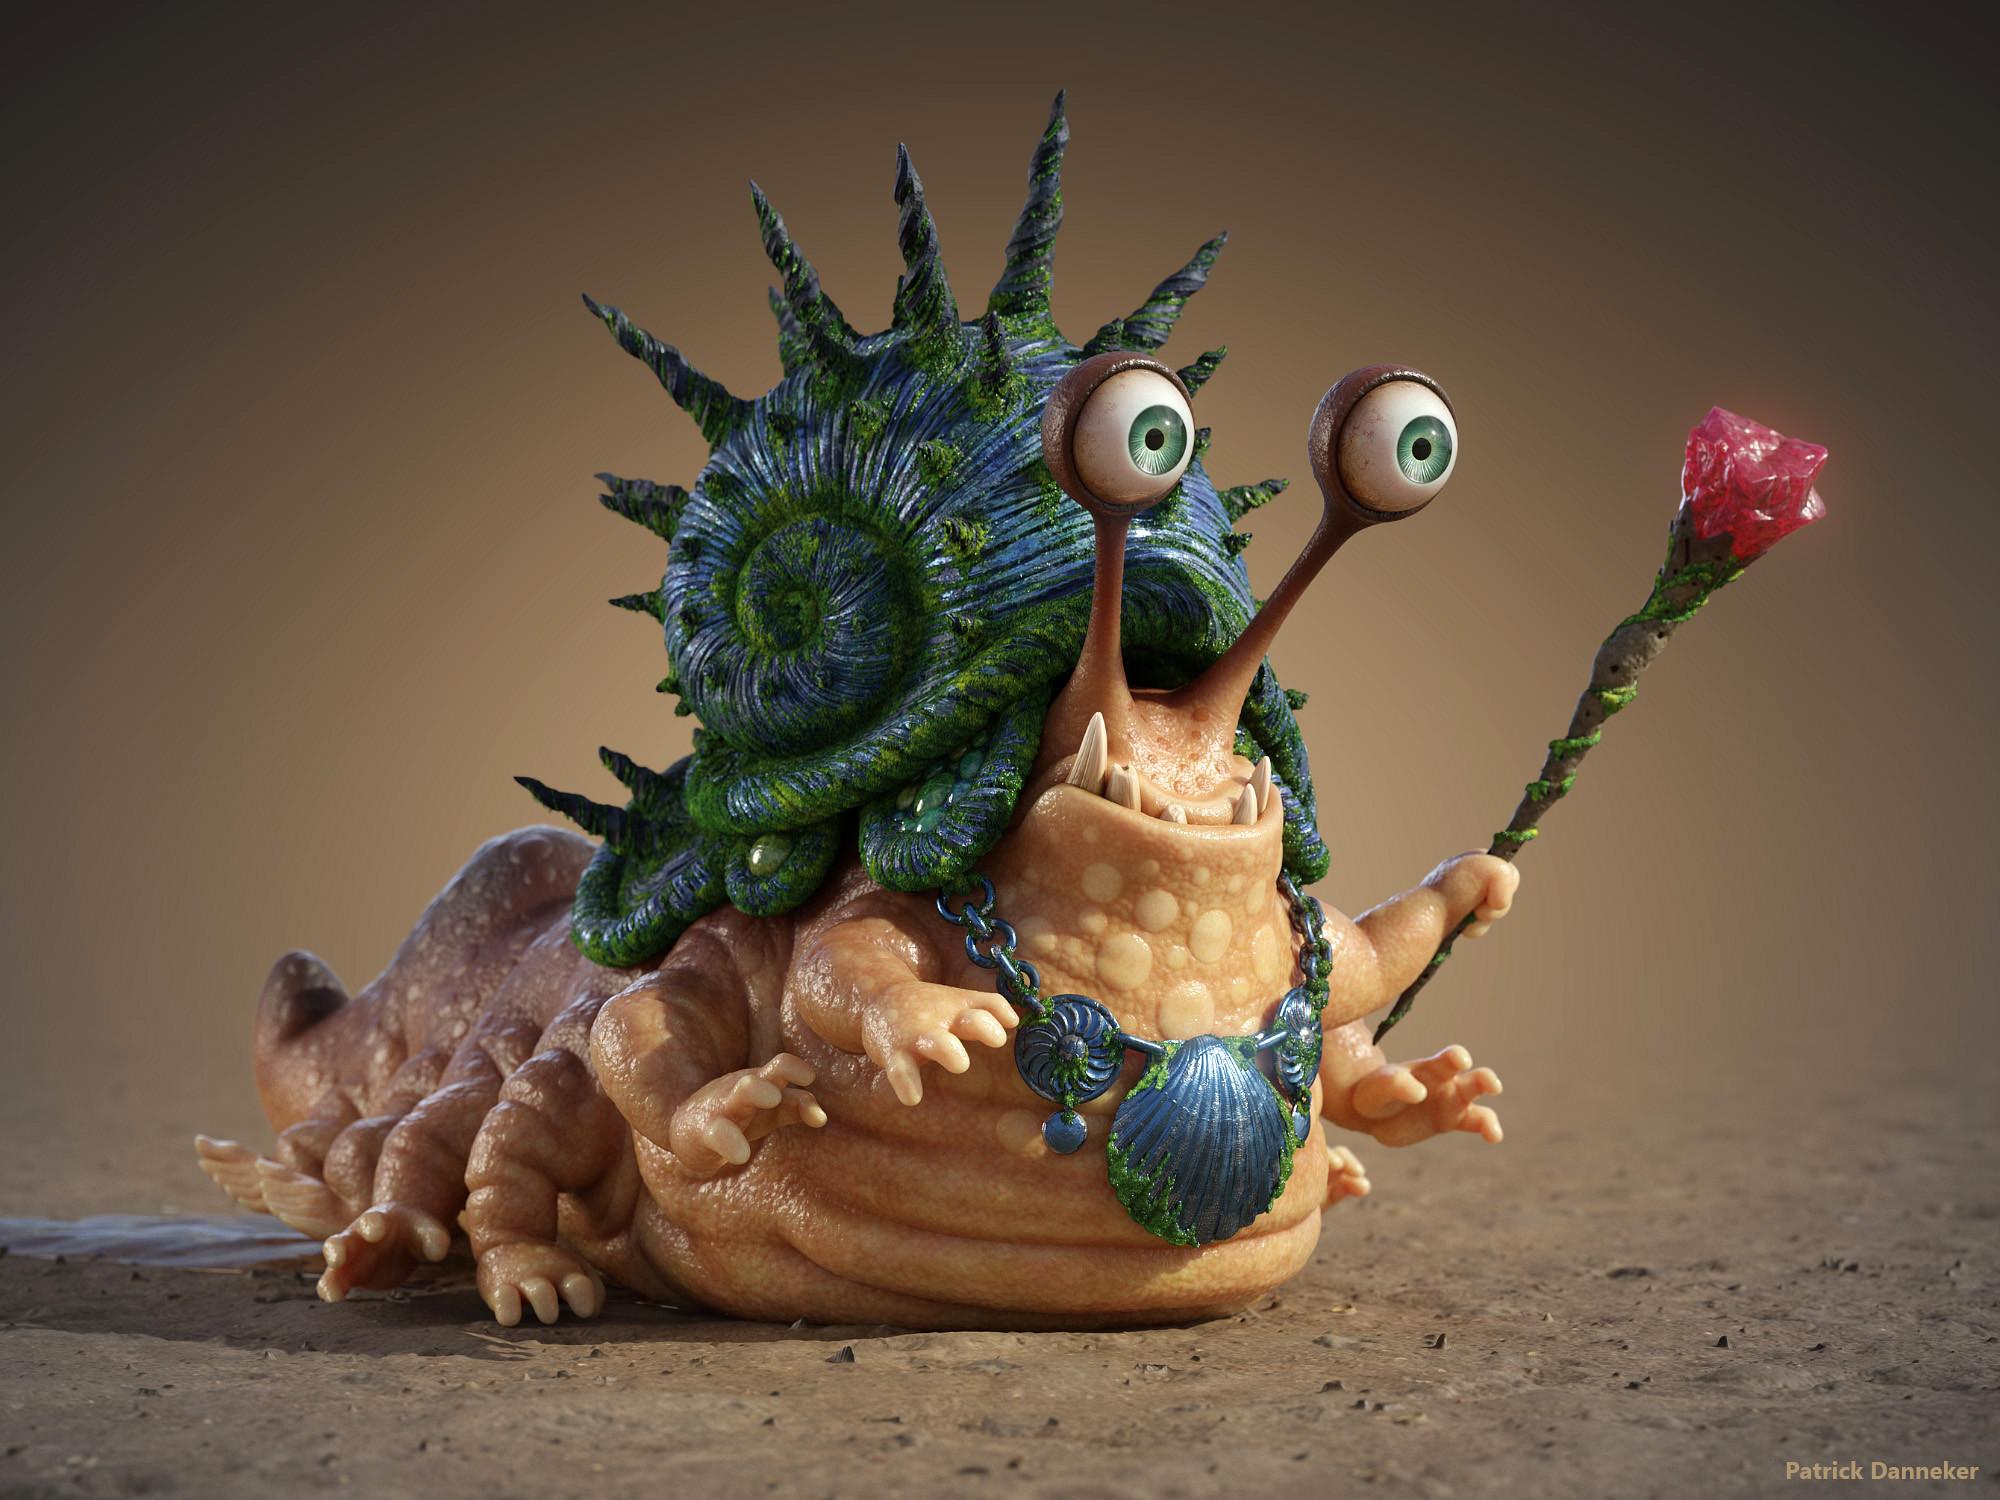 The Sluglord